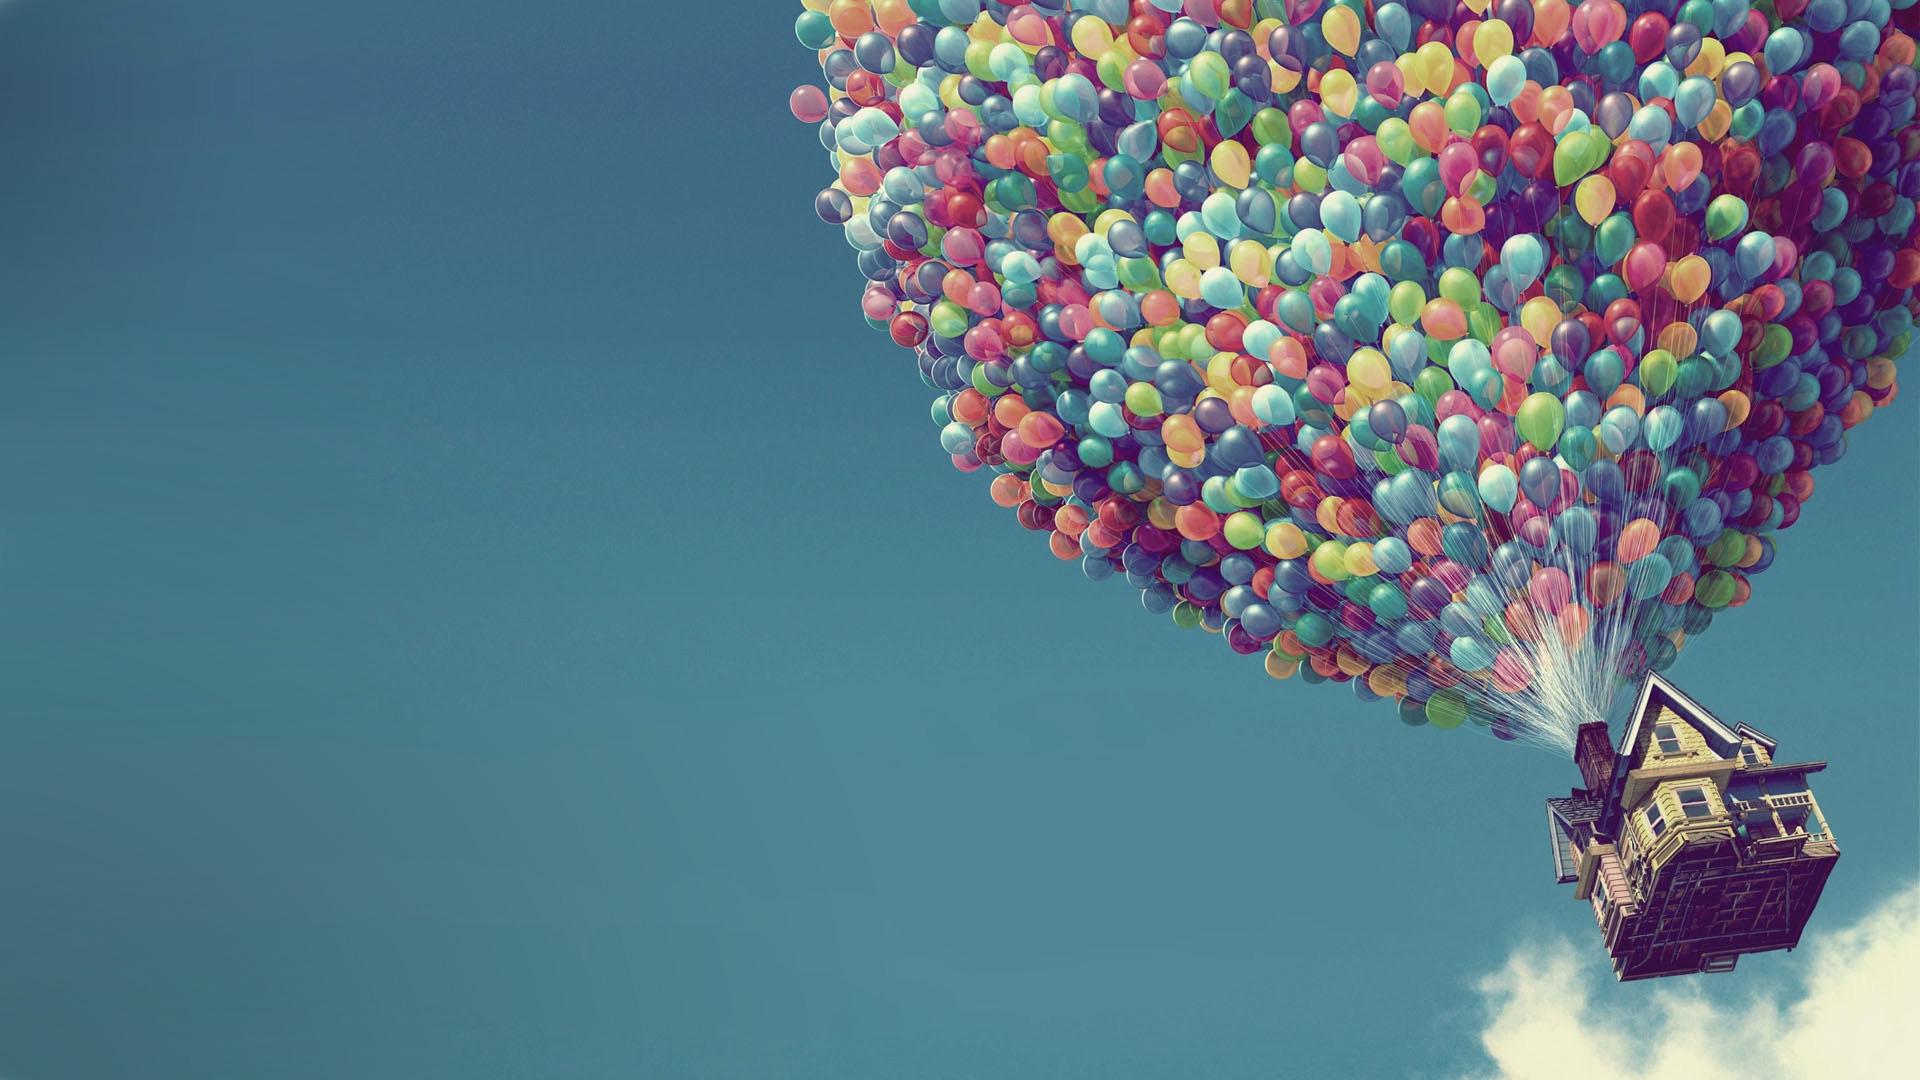 pixar wallpaper hd   wallpapersafari